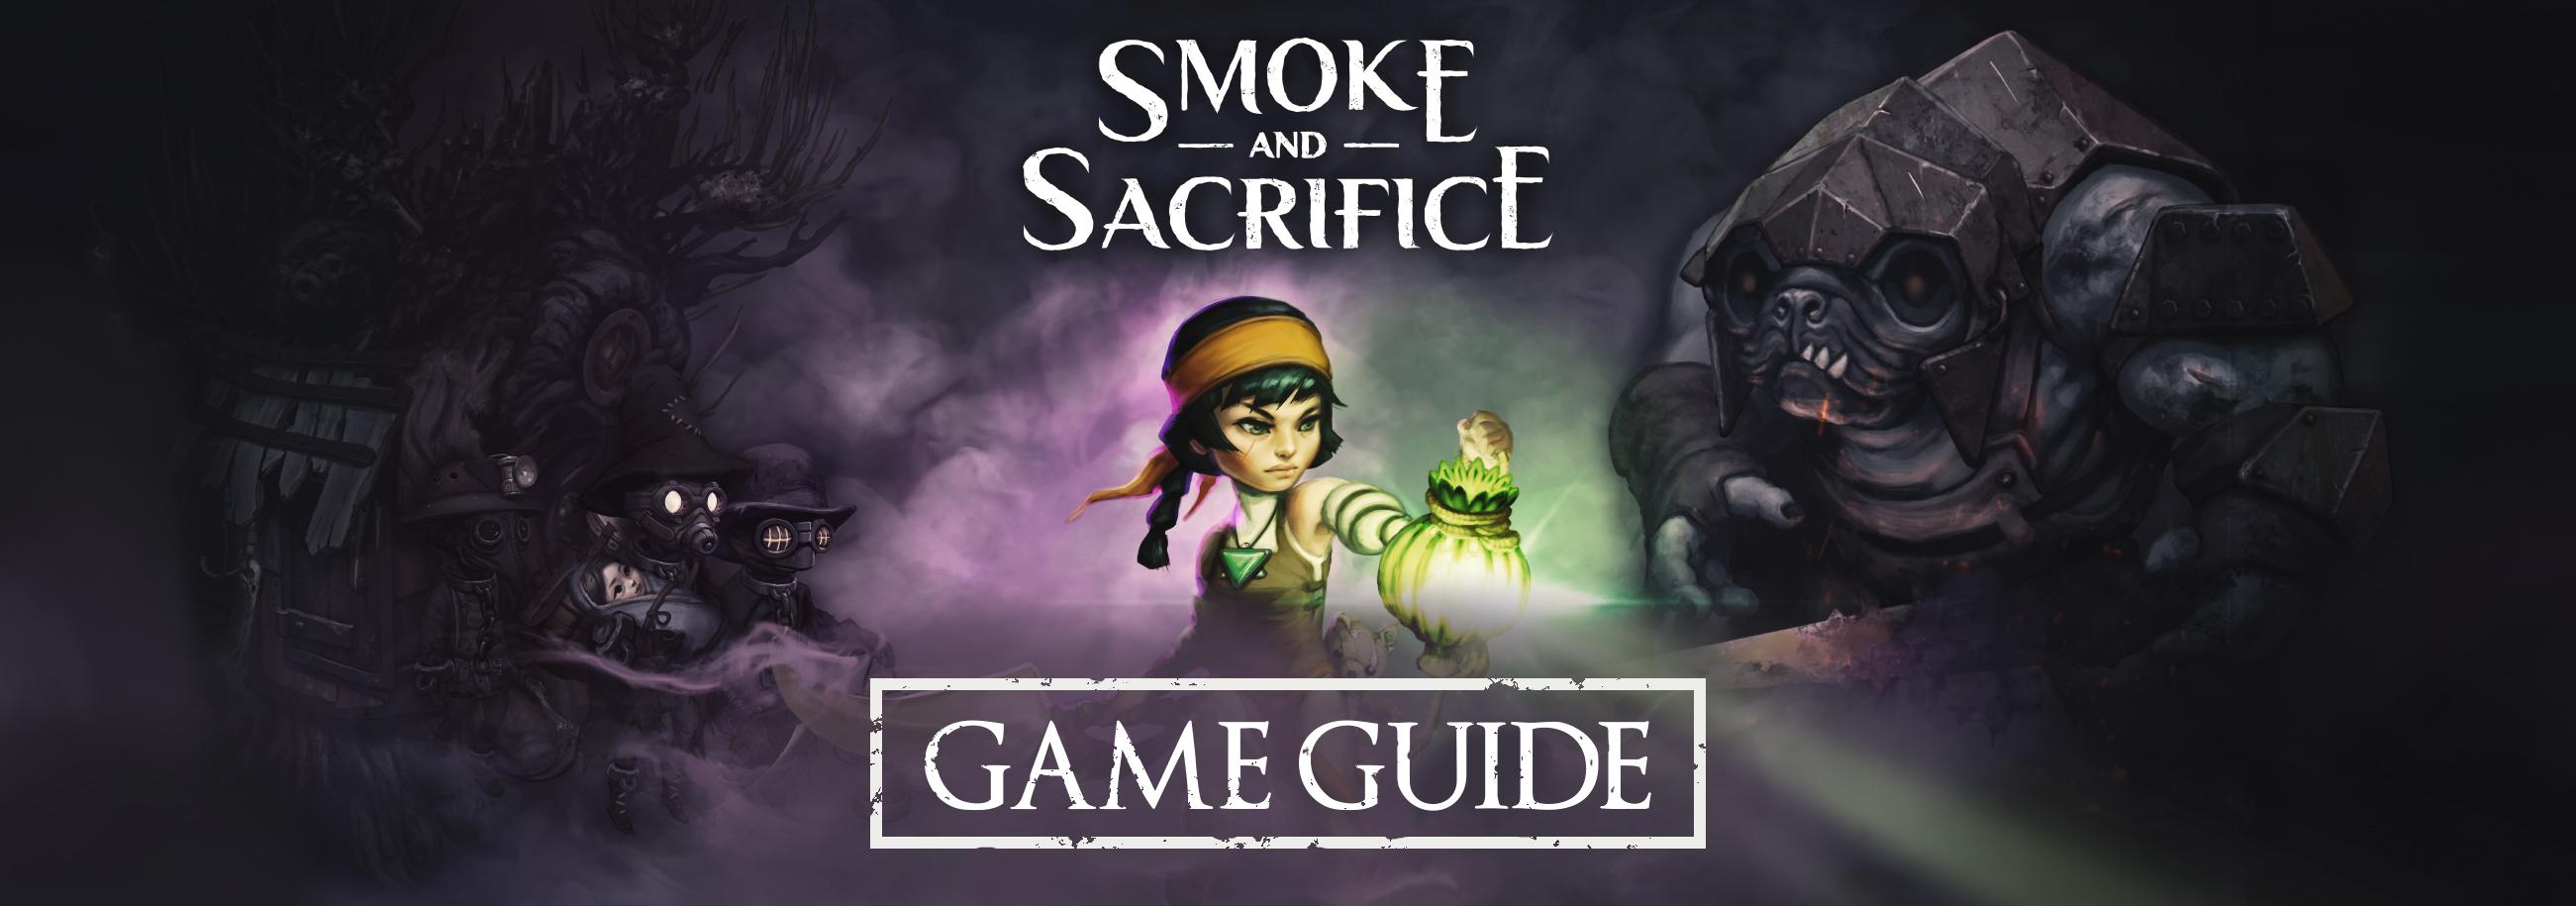 GameGuide2